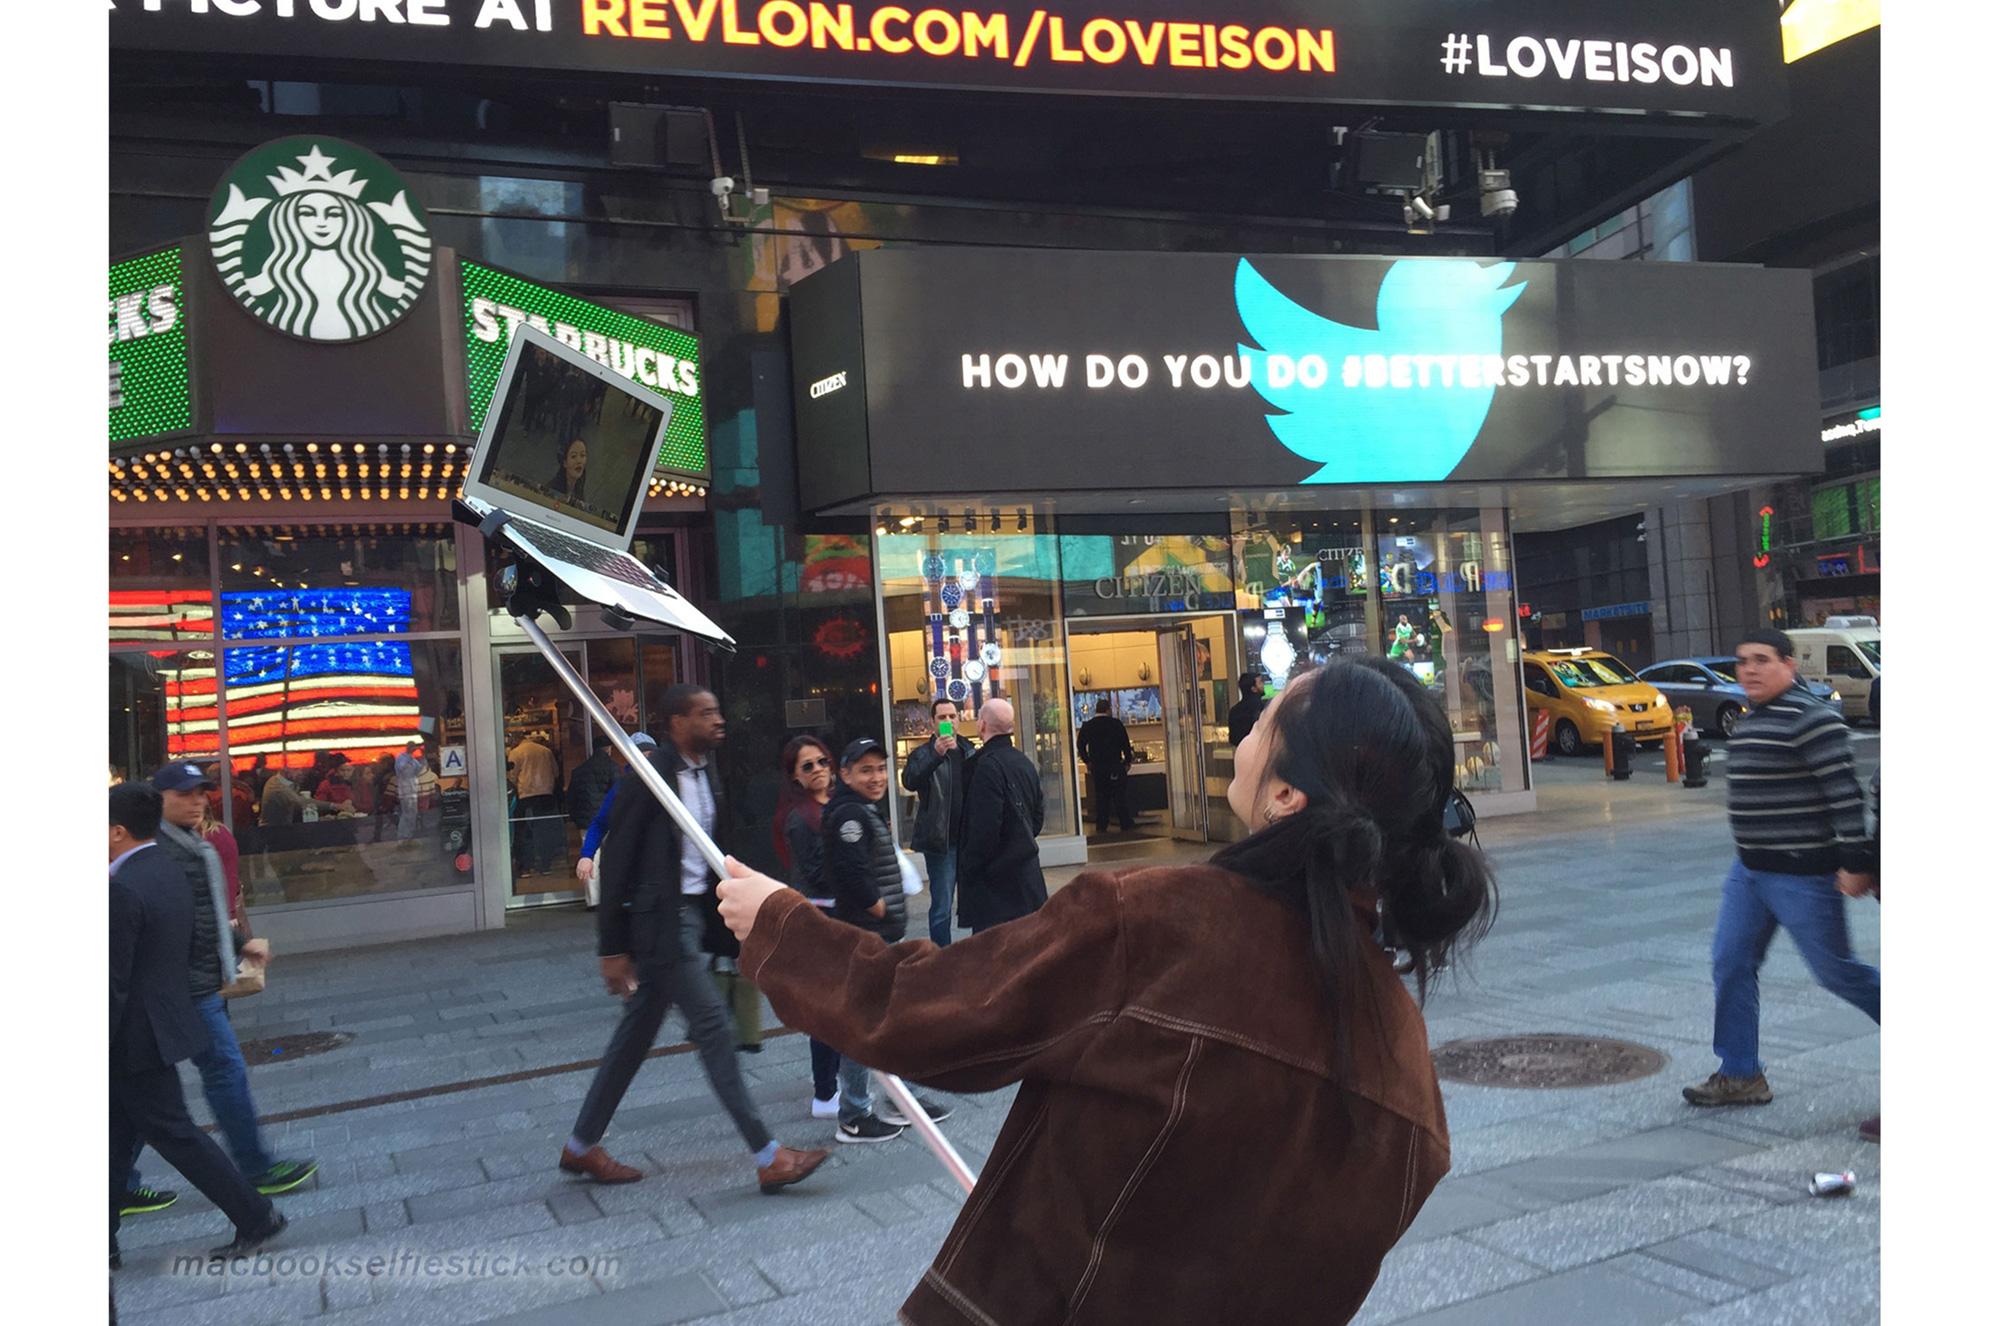 MacBook Selfie Stick 13